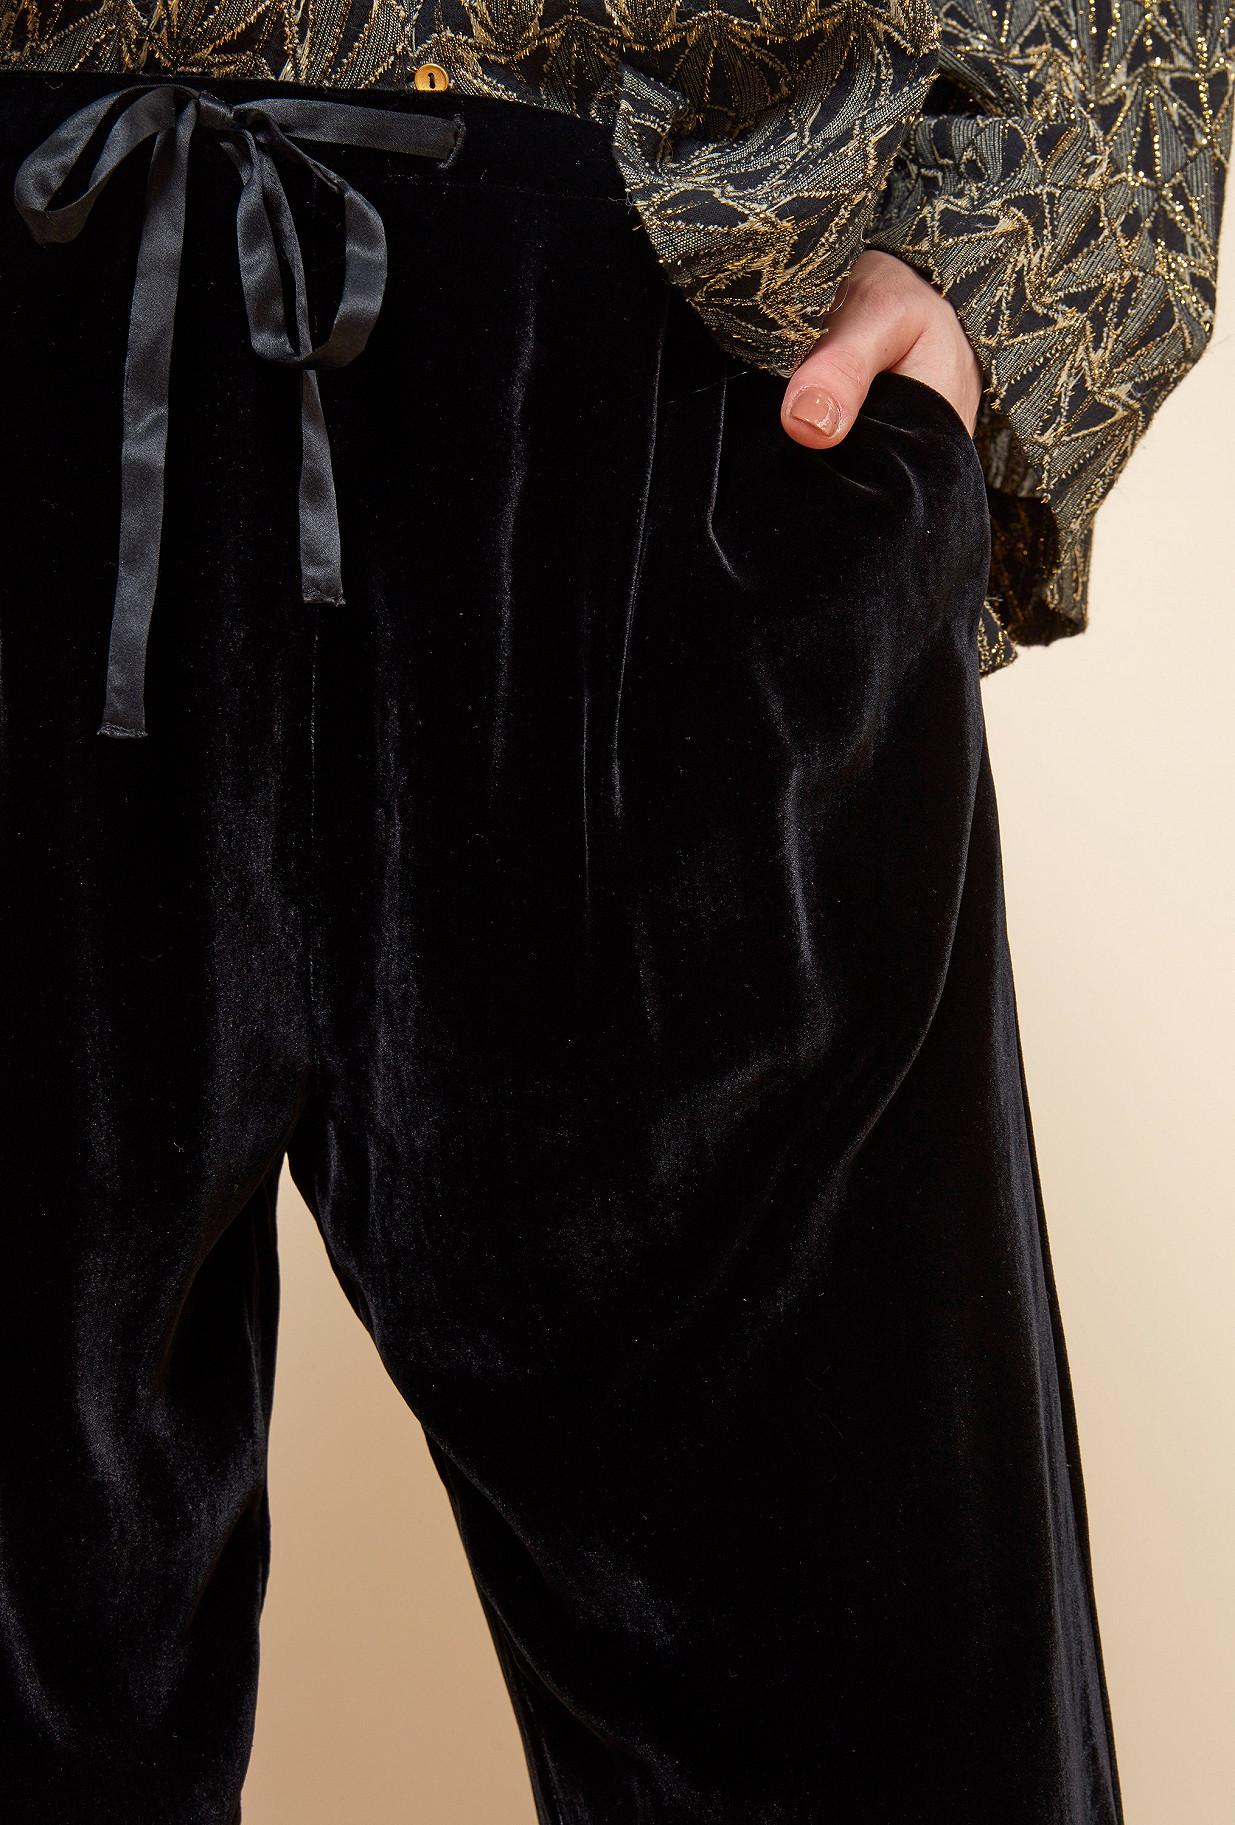 Paris boutique de mode vêtement PANTALON créateur bohème  Milo